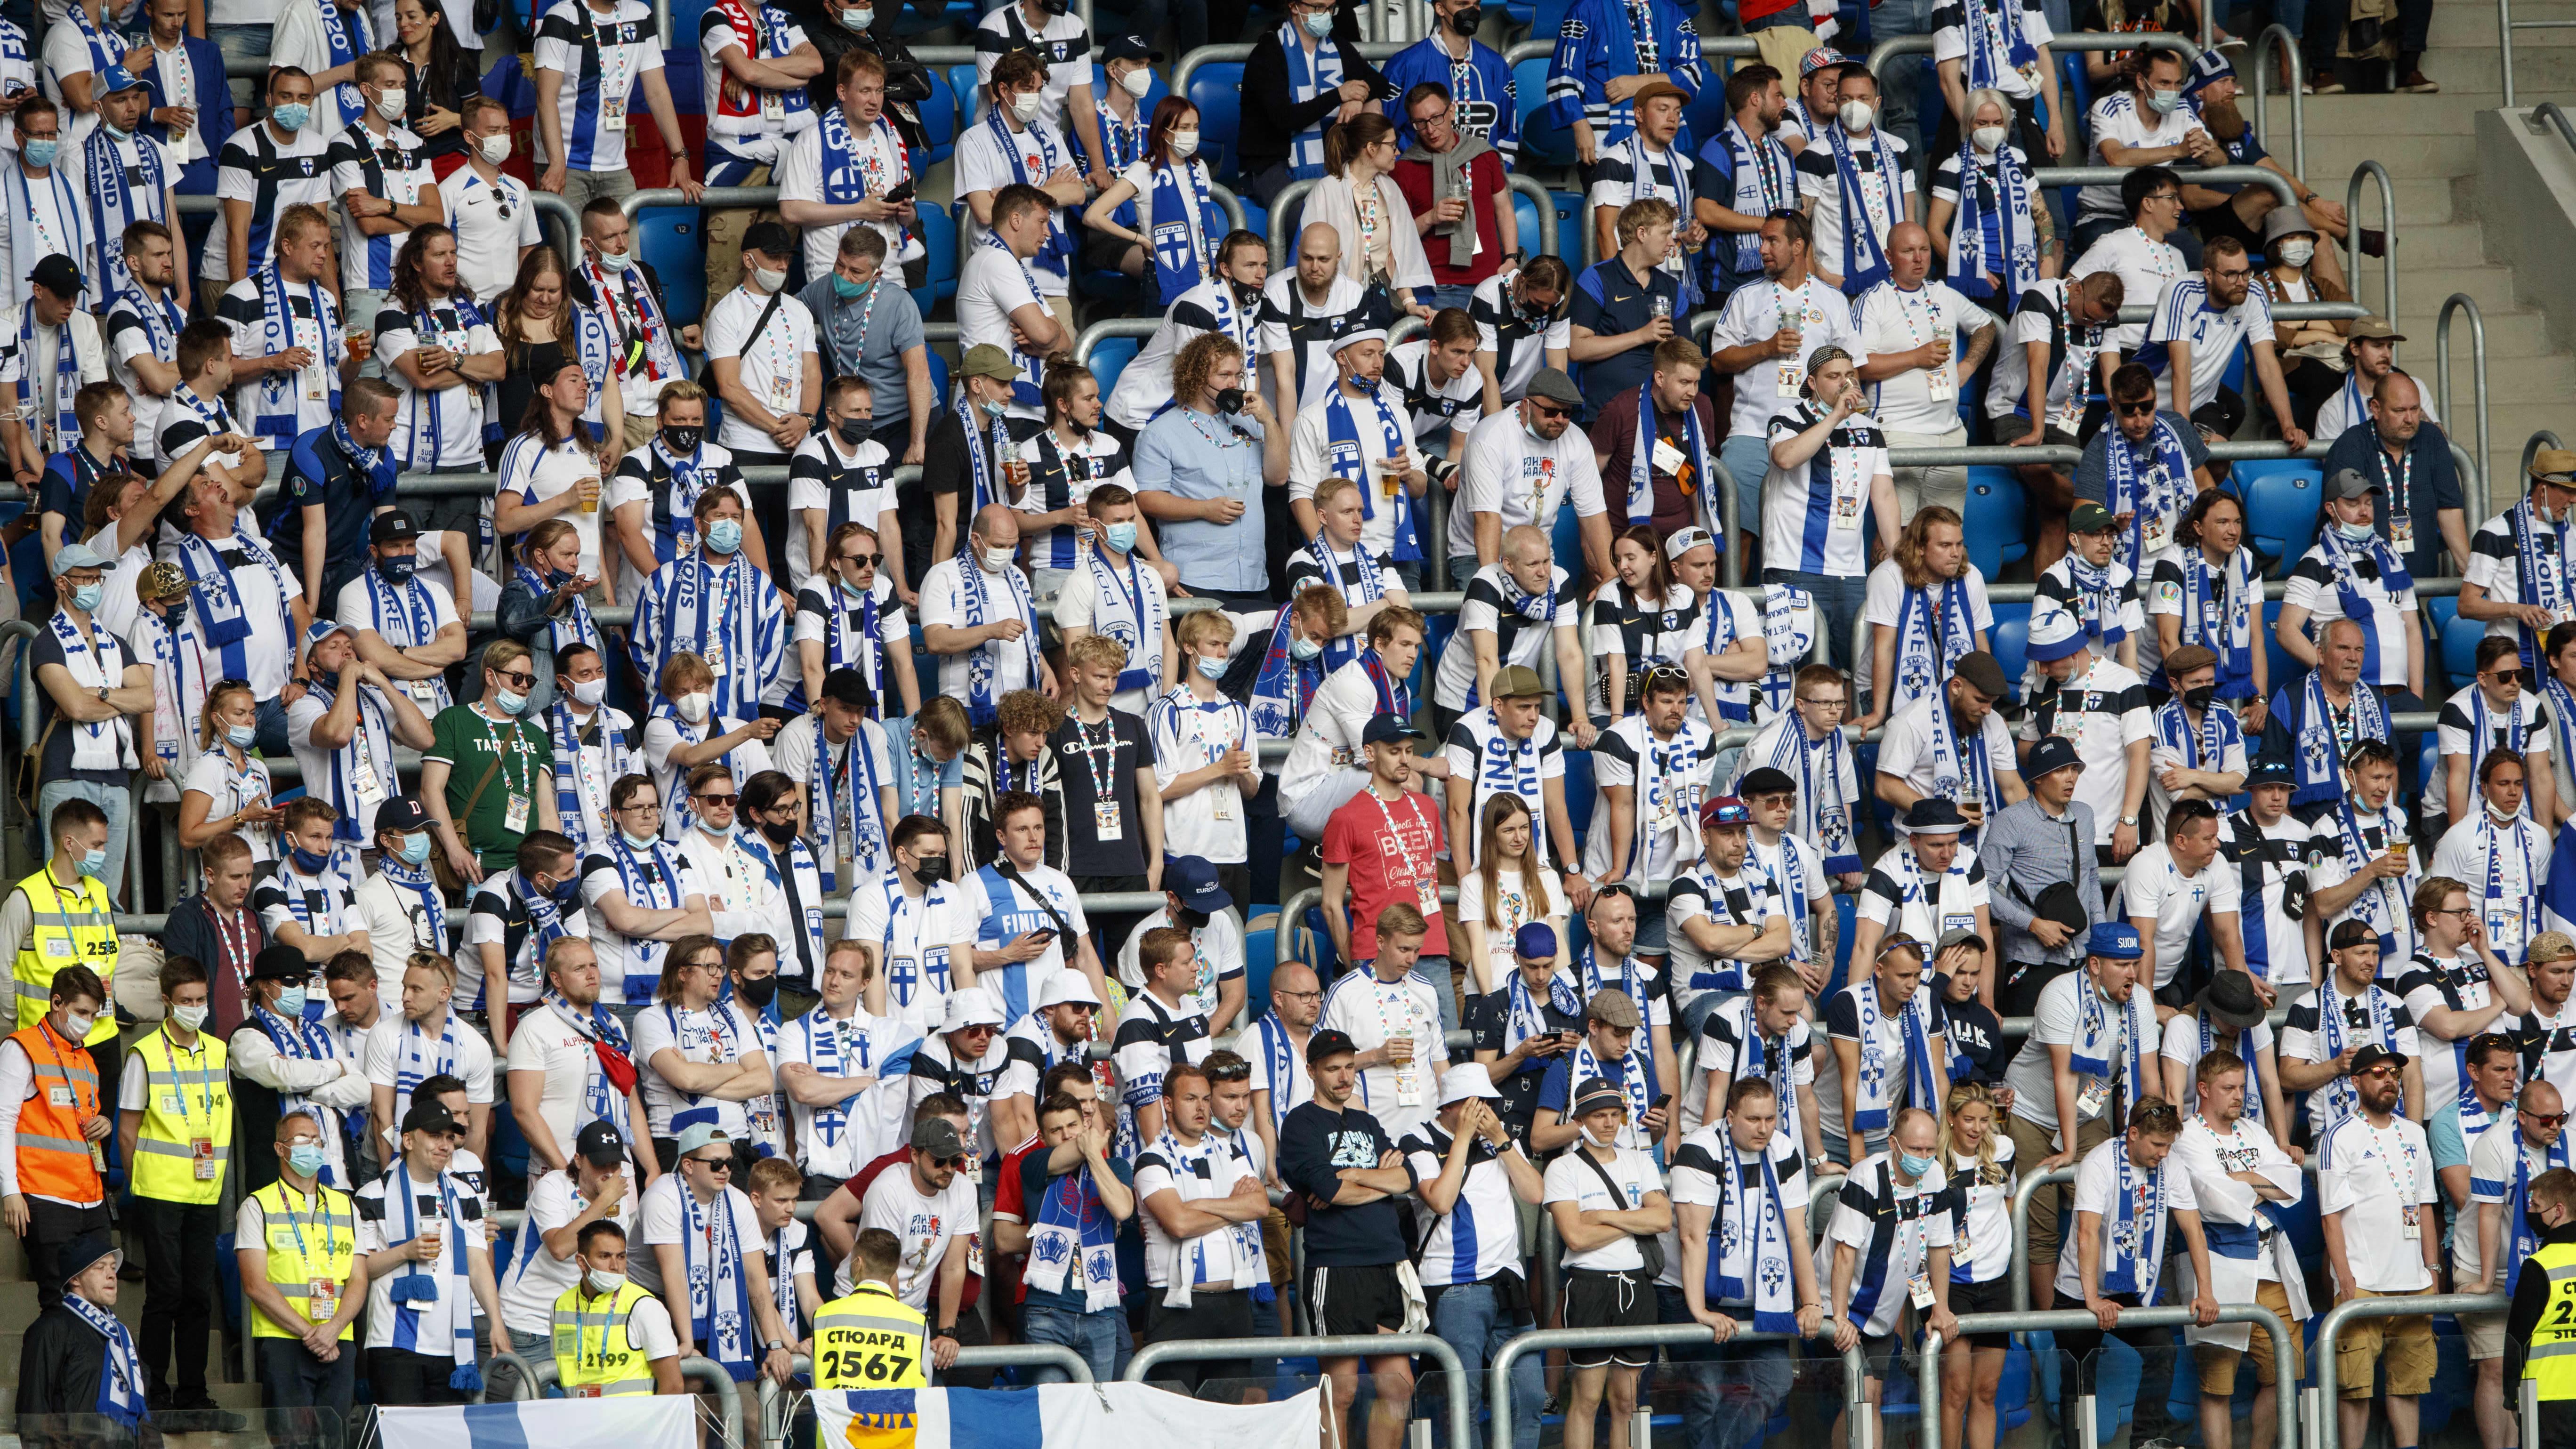 Suomalaiskannattajia katsomossa EM-kisojen ottelussa Venäjää vastaan 16.6.2021.